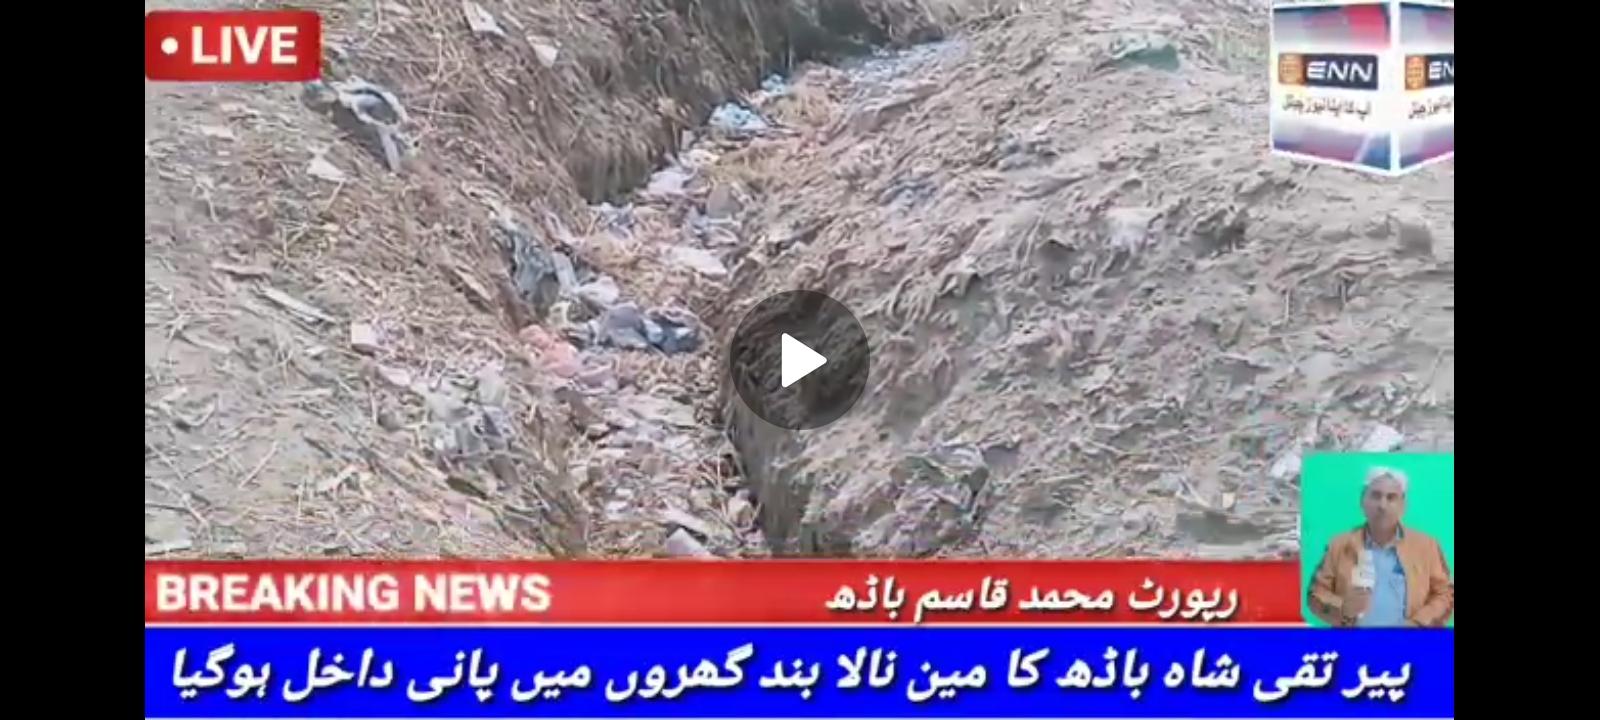 پیر تقی شاہ باڈھ تحصیل  ڈوکری ضلع لاڑکانہ  گندگی ڈیھر بن گیا